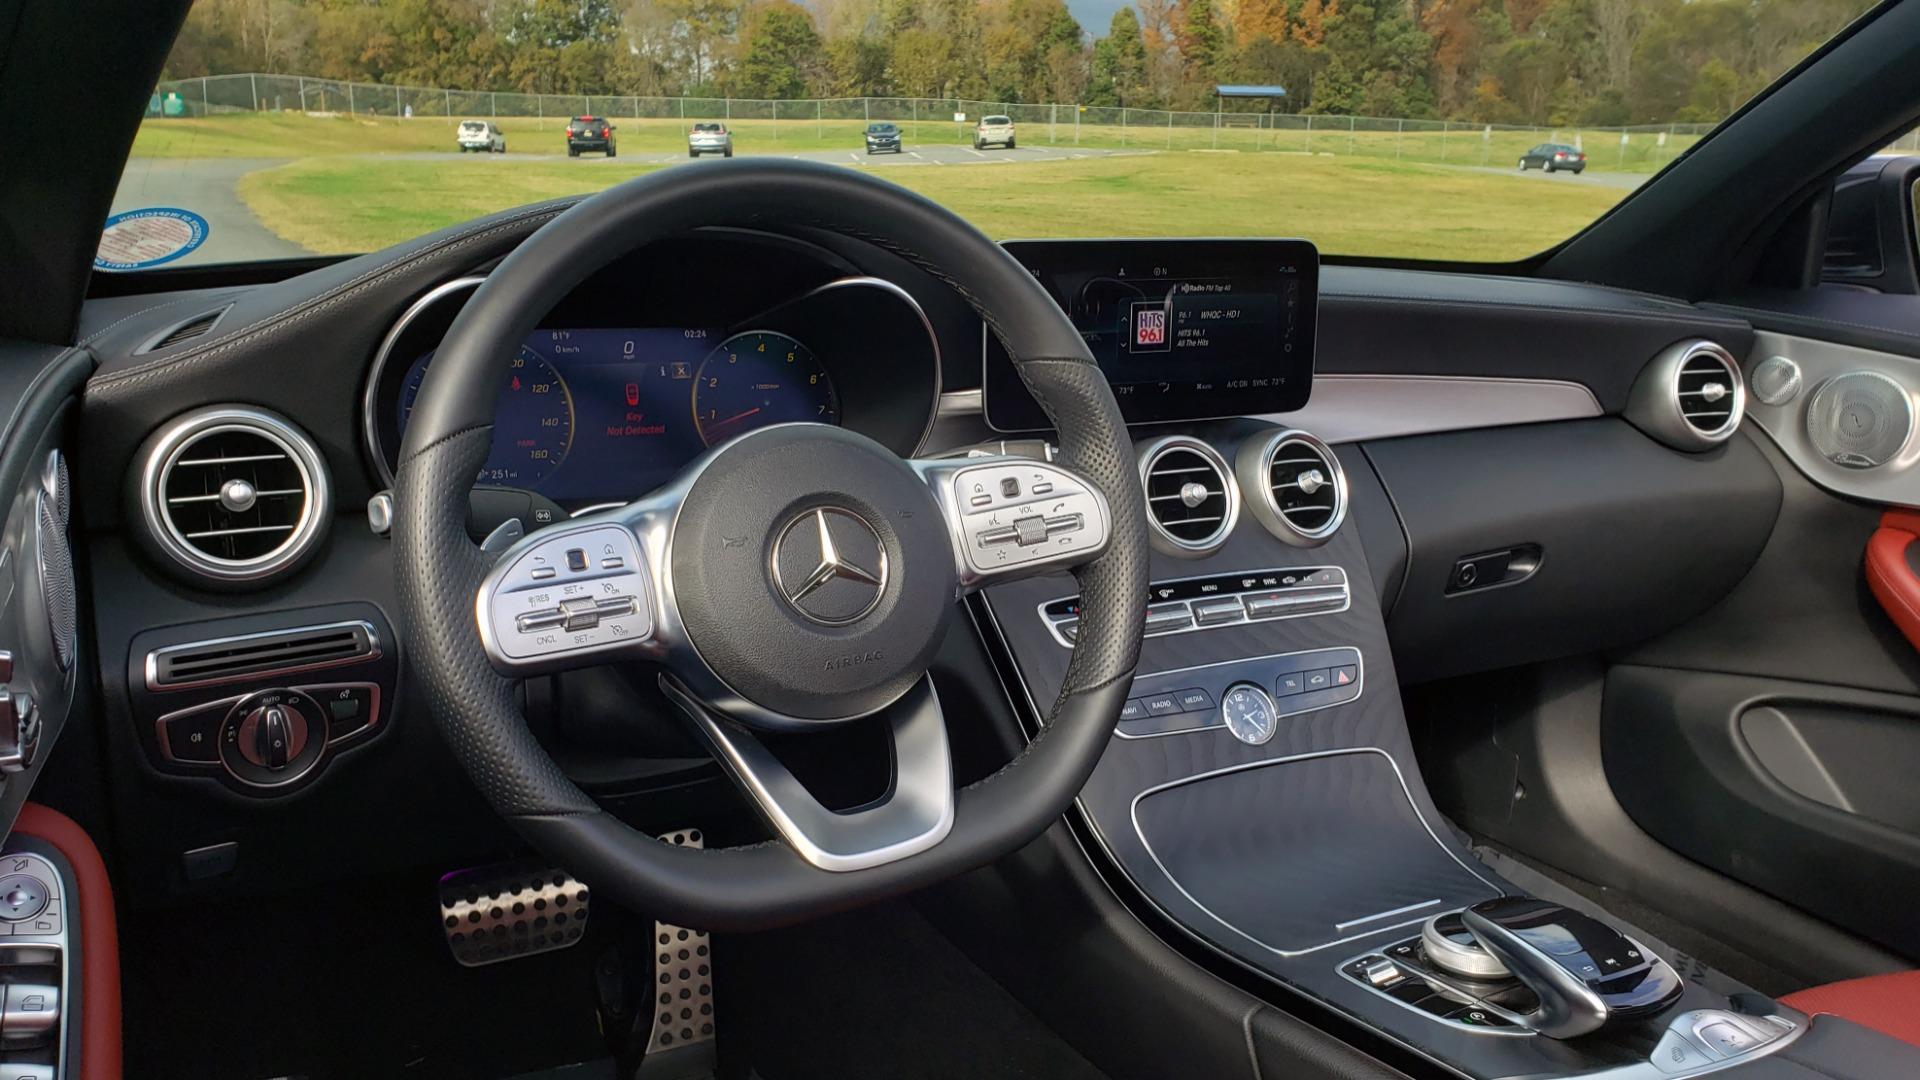 Used 2019 Mercedes-Benz C-CLASS C 300 CABRIOLET / PREM PKG / NAV / BURMESTER / MULTIMEDIA for sale Sold at Formula Imports in Charlotte NC 28227 25